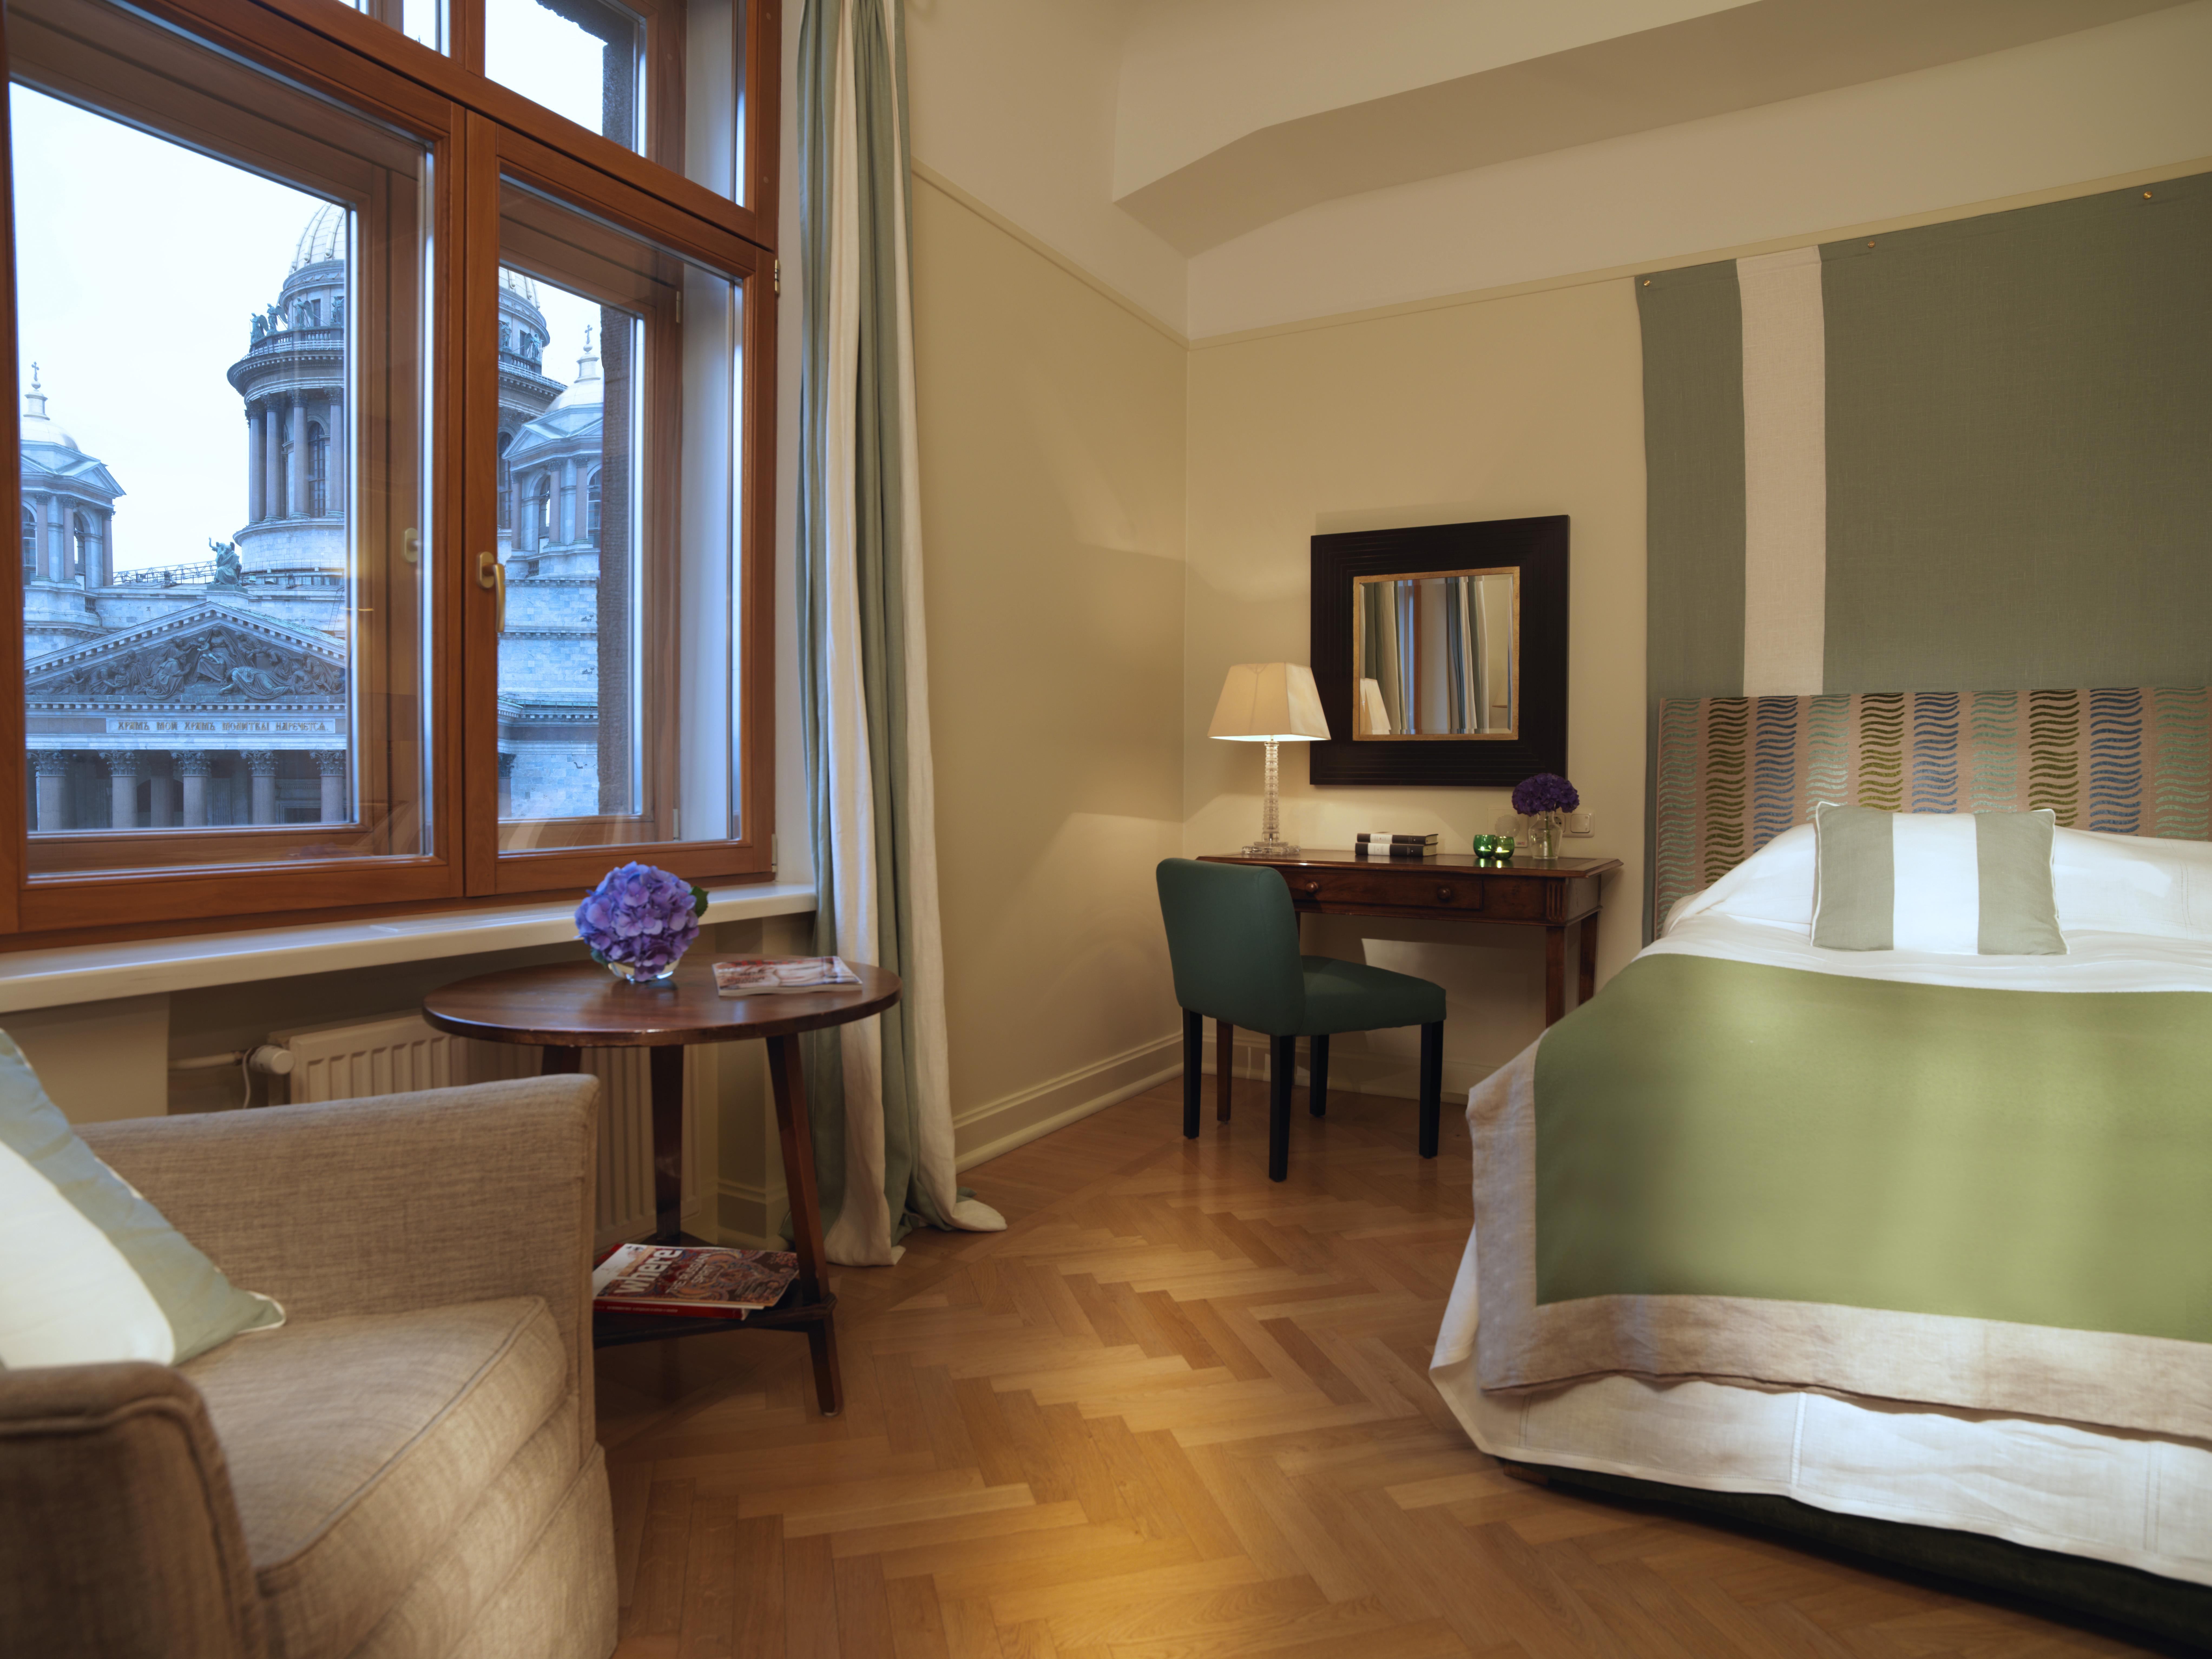 luxury-hotel-st-petersburg-russia